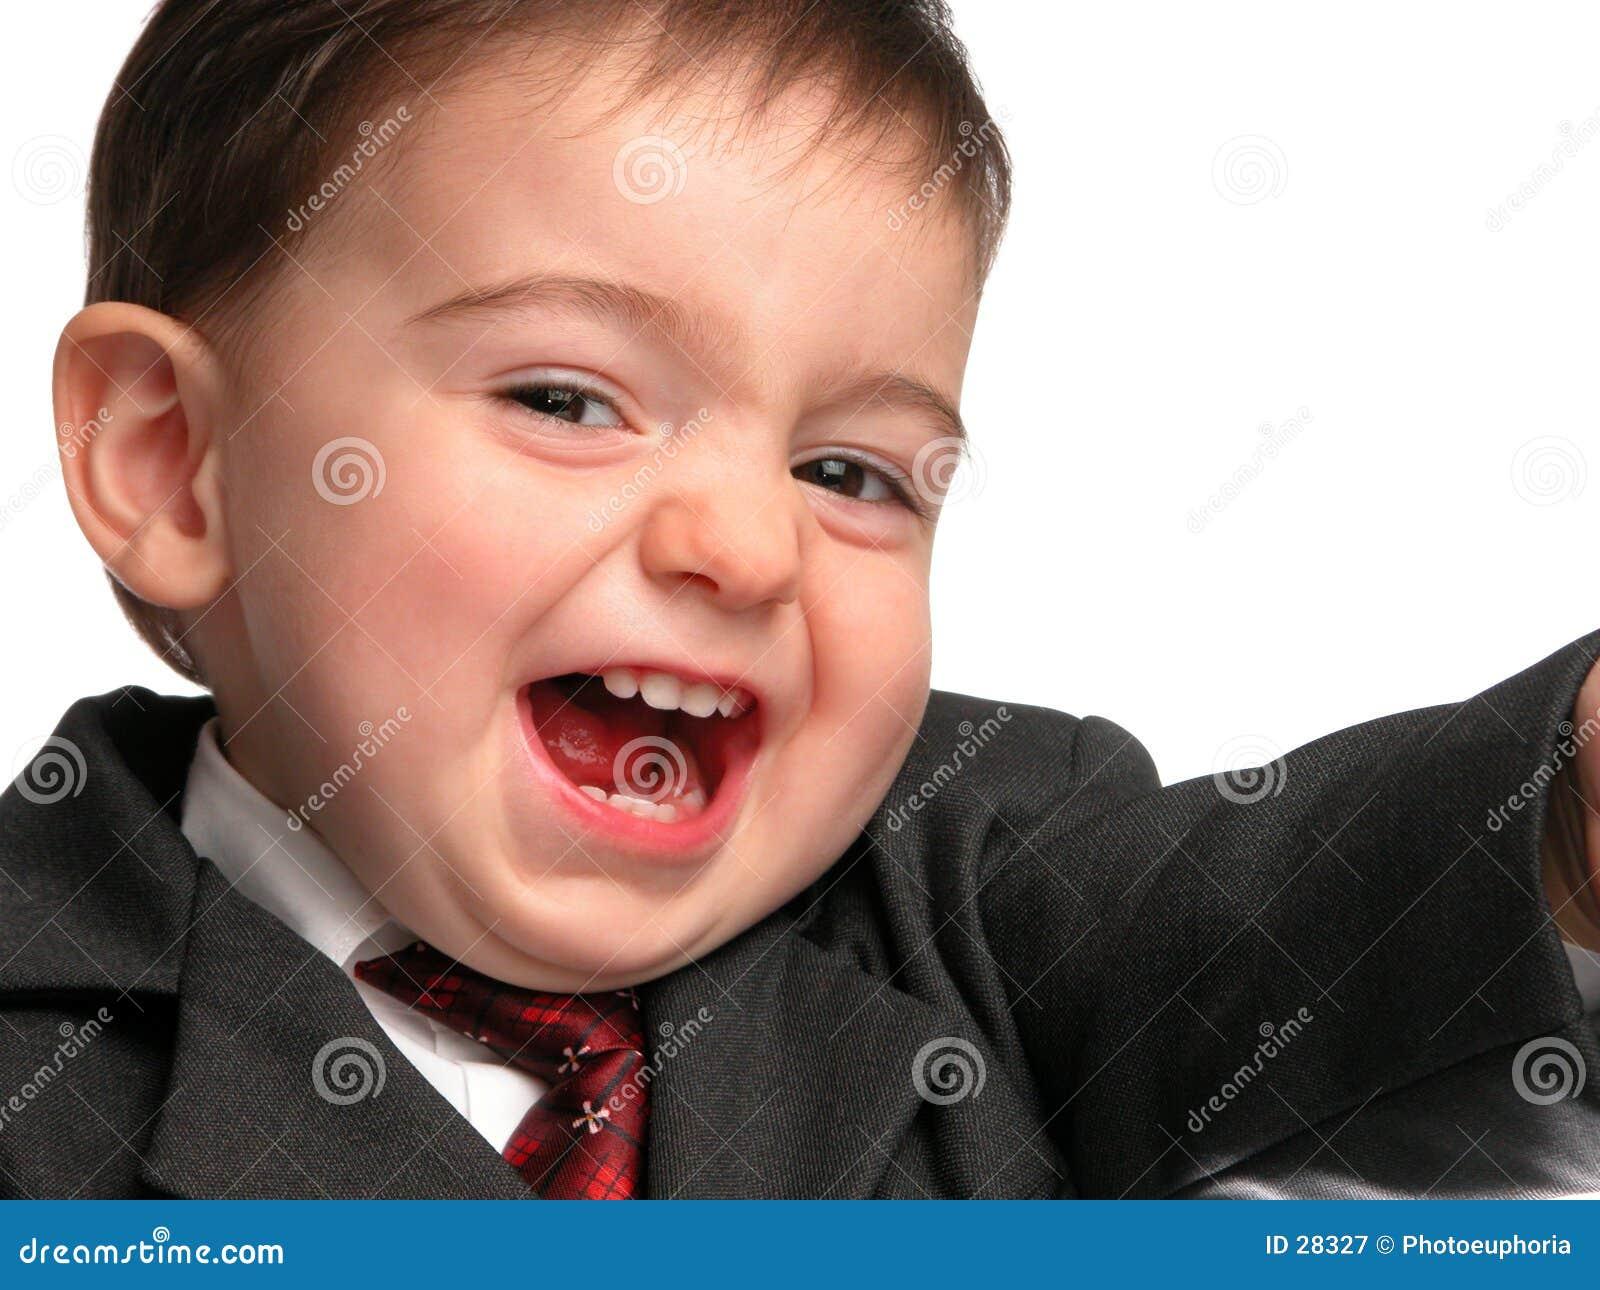 Série pequena do homem: Sorriso do vendedor